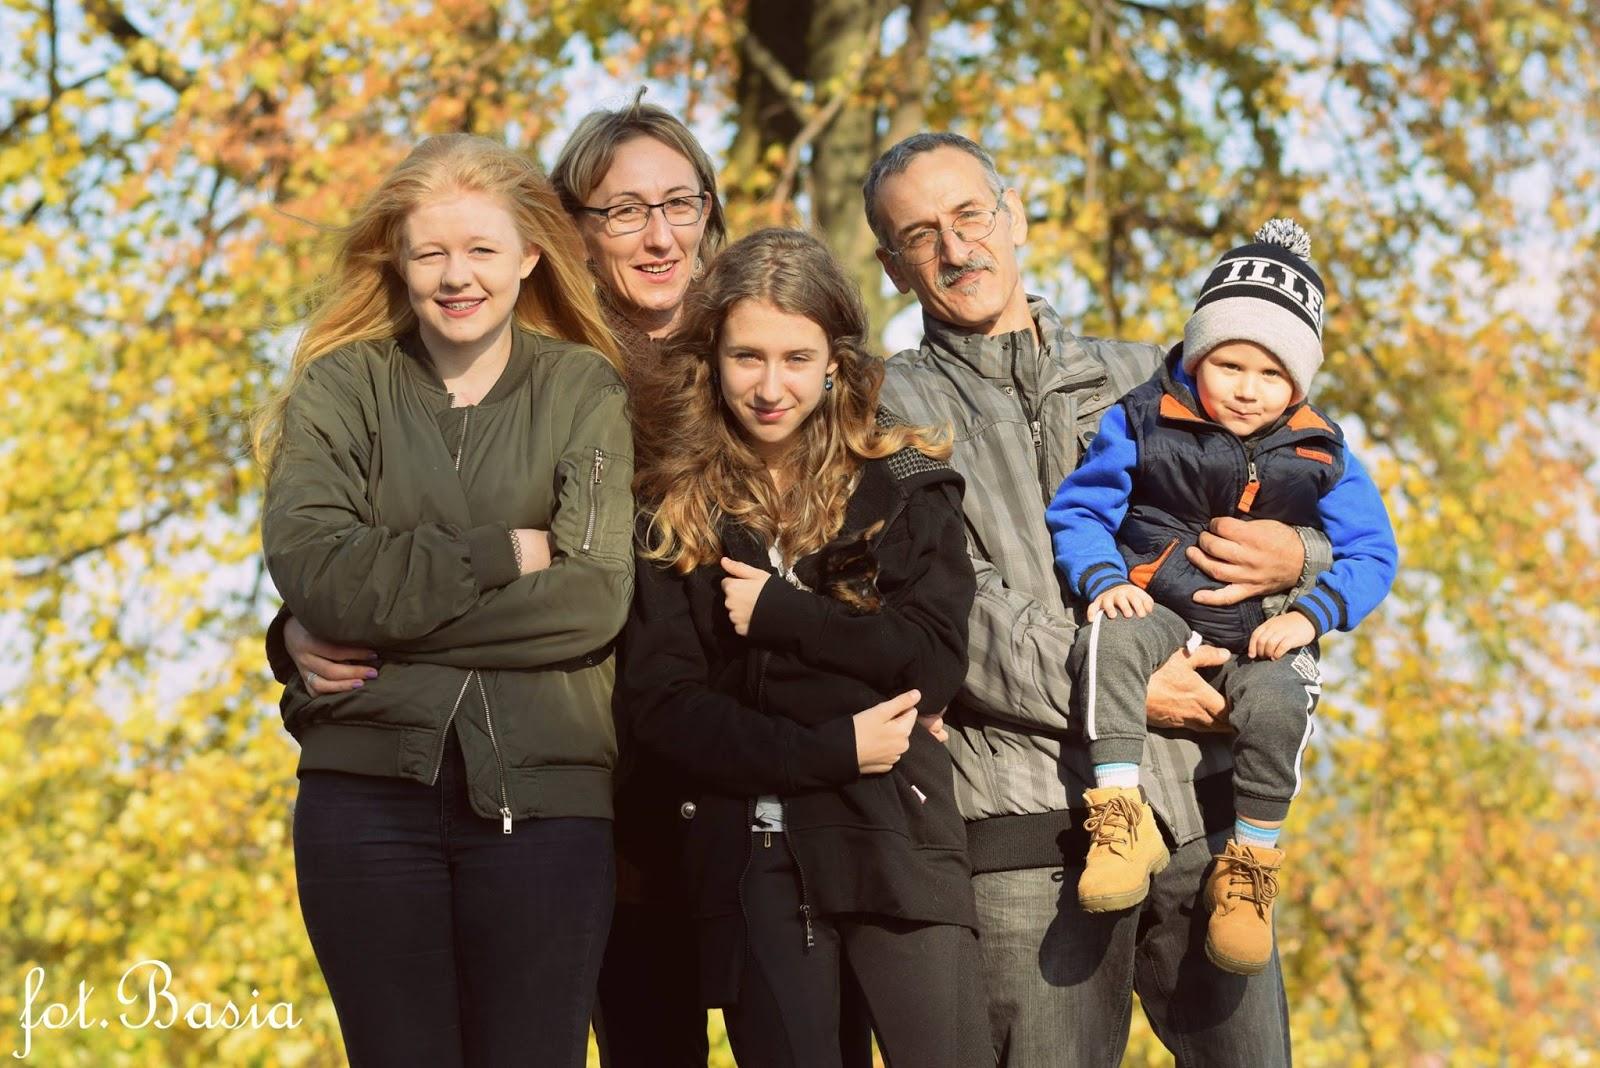 Na leczenie raka nerki - to moja ostatnia szansa...DLA BaSI ( jej męża )